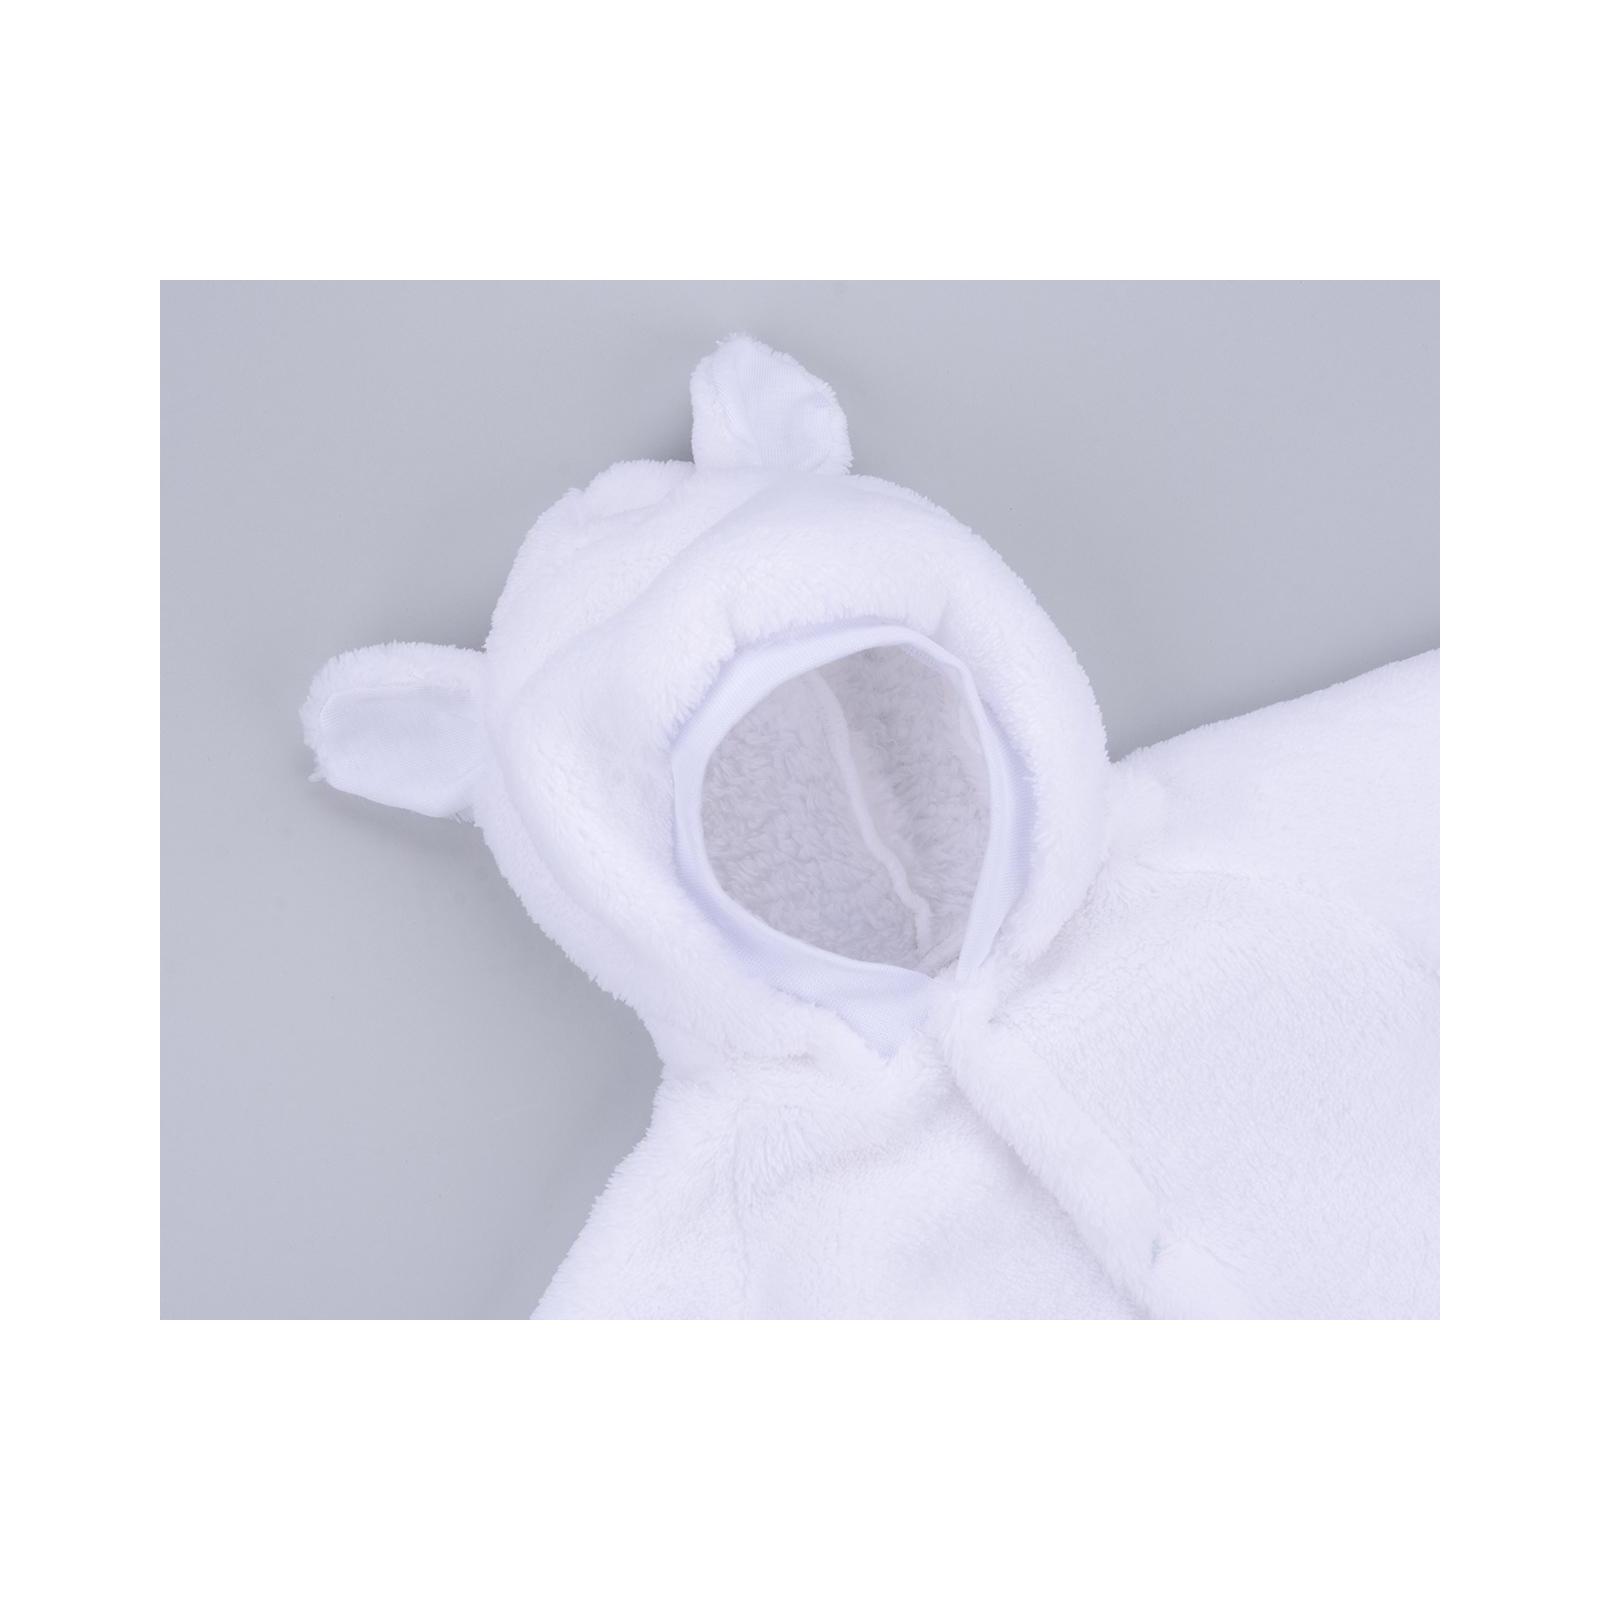 Человечек ТМ МиЯ флисовый (1111203-74-white) изображение 3